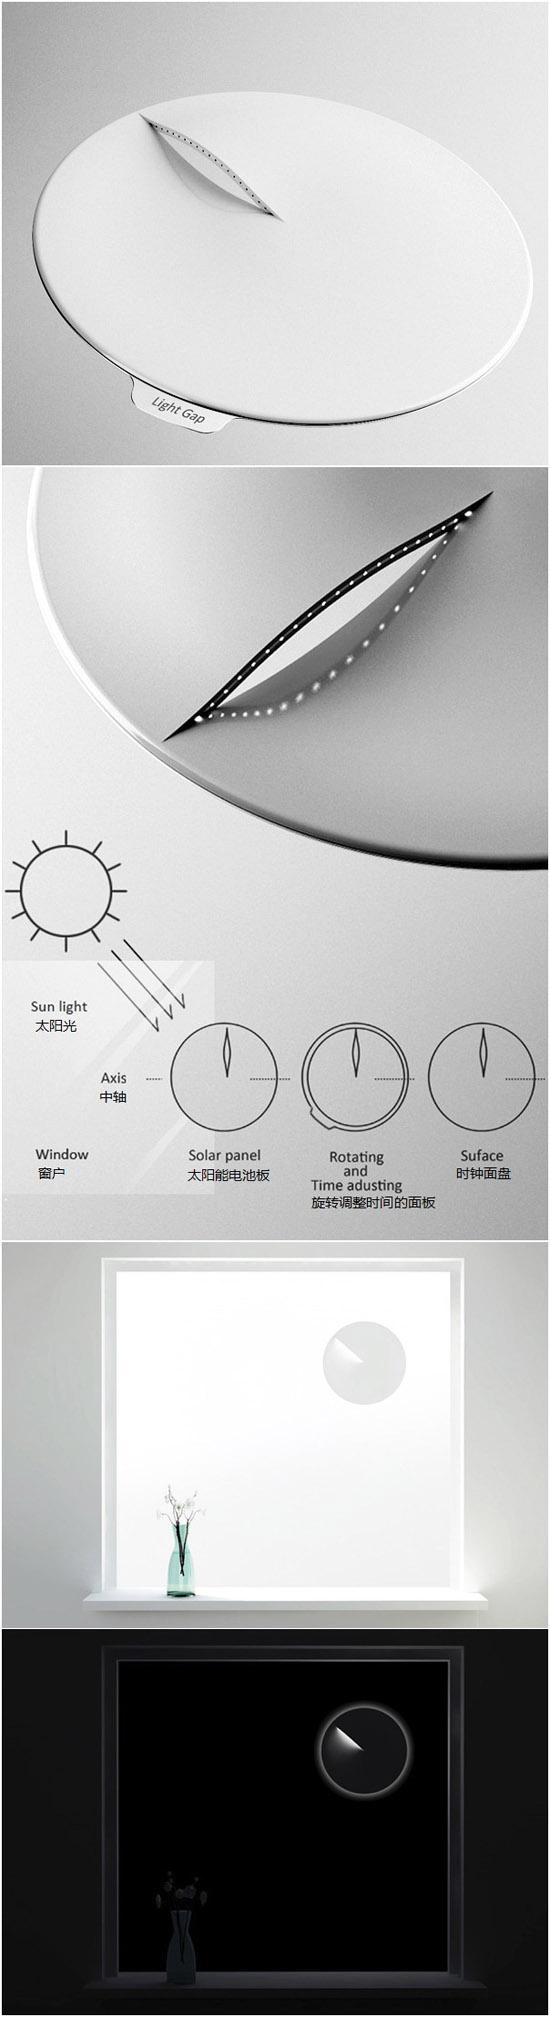 太阳能概念挂钟―光隙.jpg